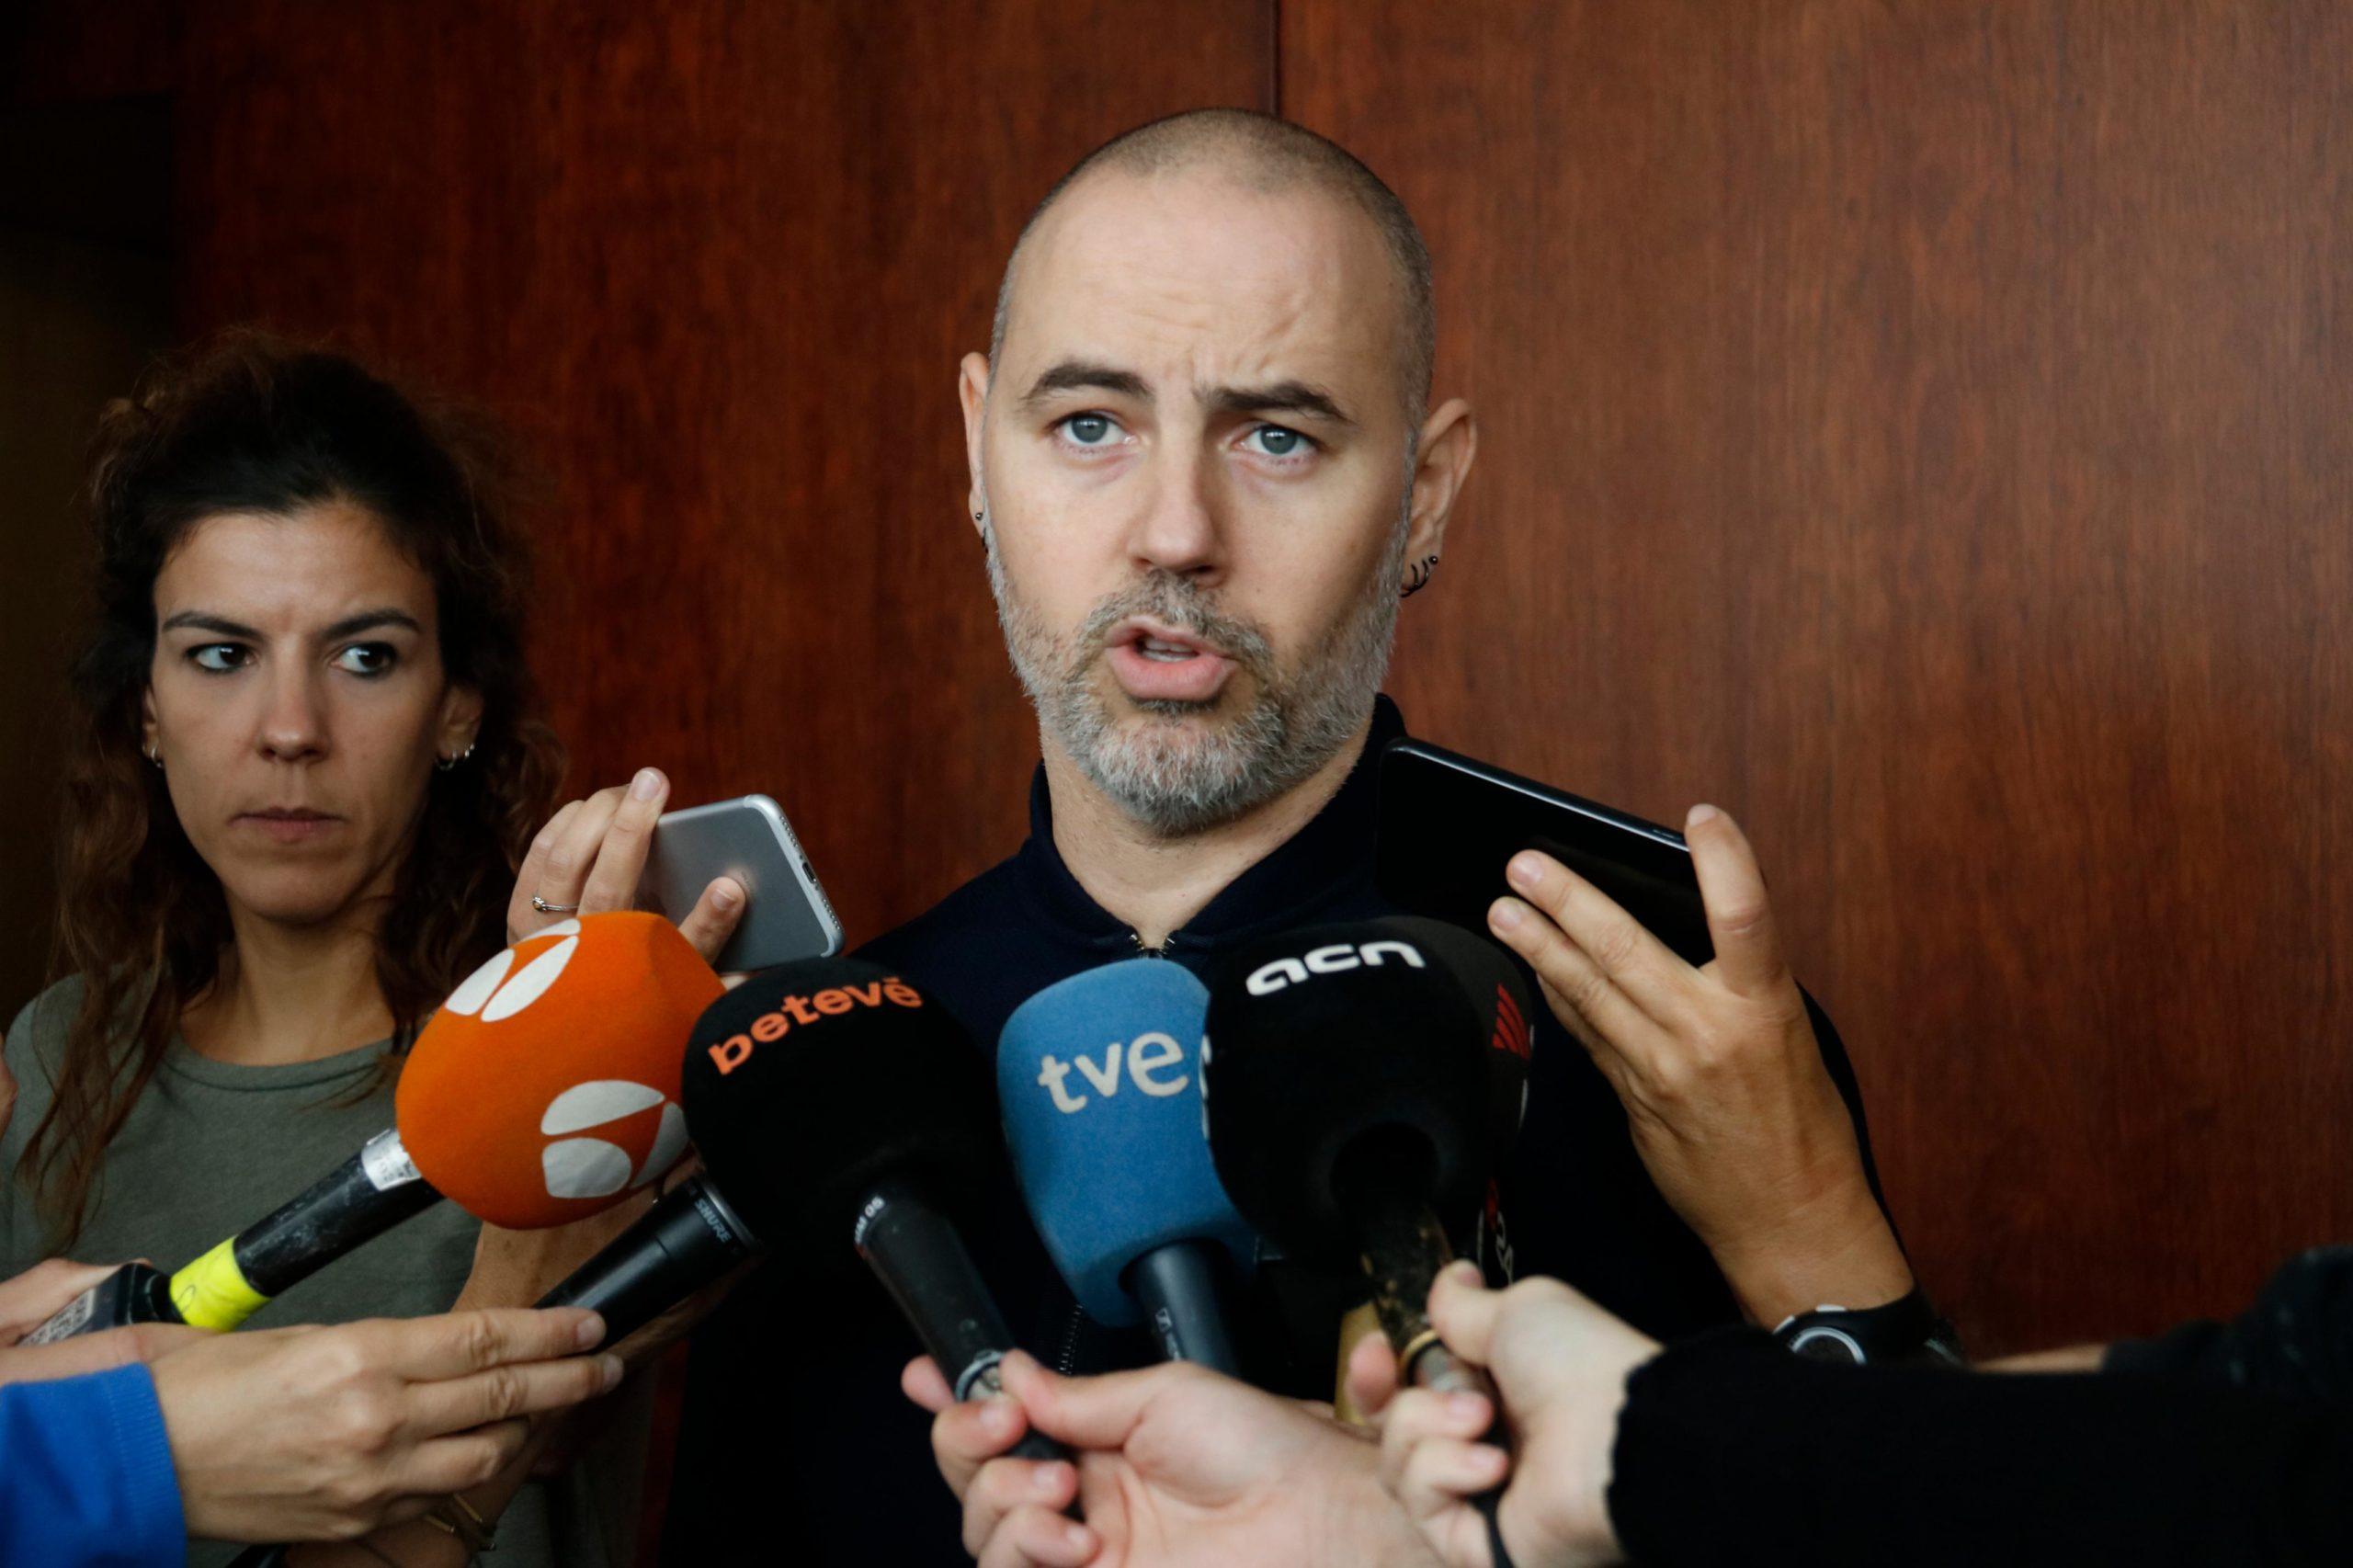 El regidor d'Emergència Climàtica i Transició Ecològica, Eloi Badia, en una atenció recent als mitjans des de l'Ajuntament de Barcelona / ACN